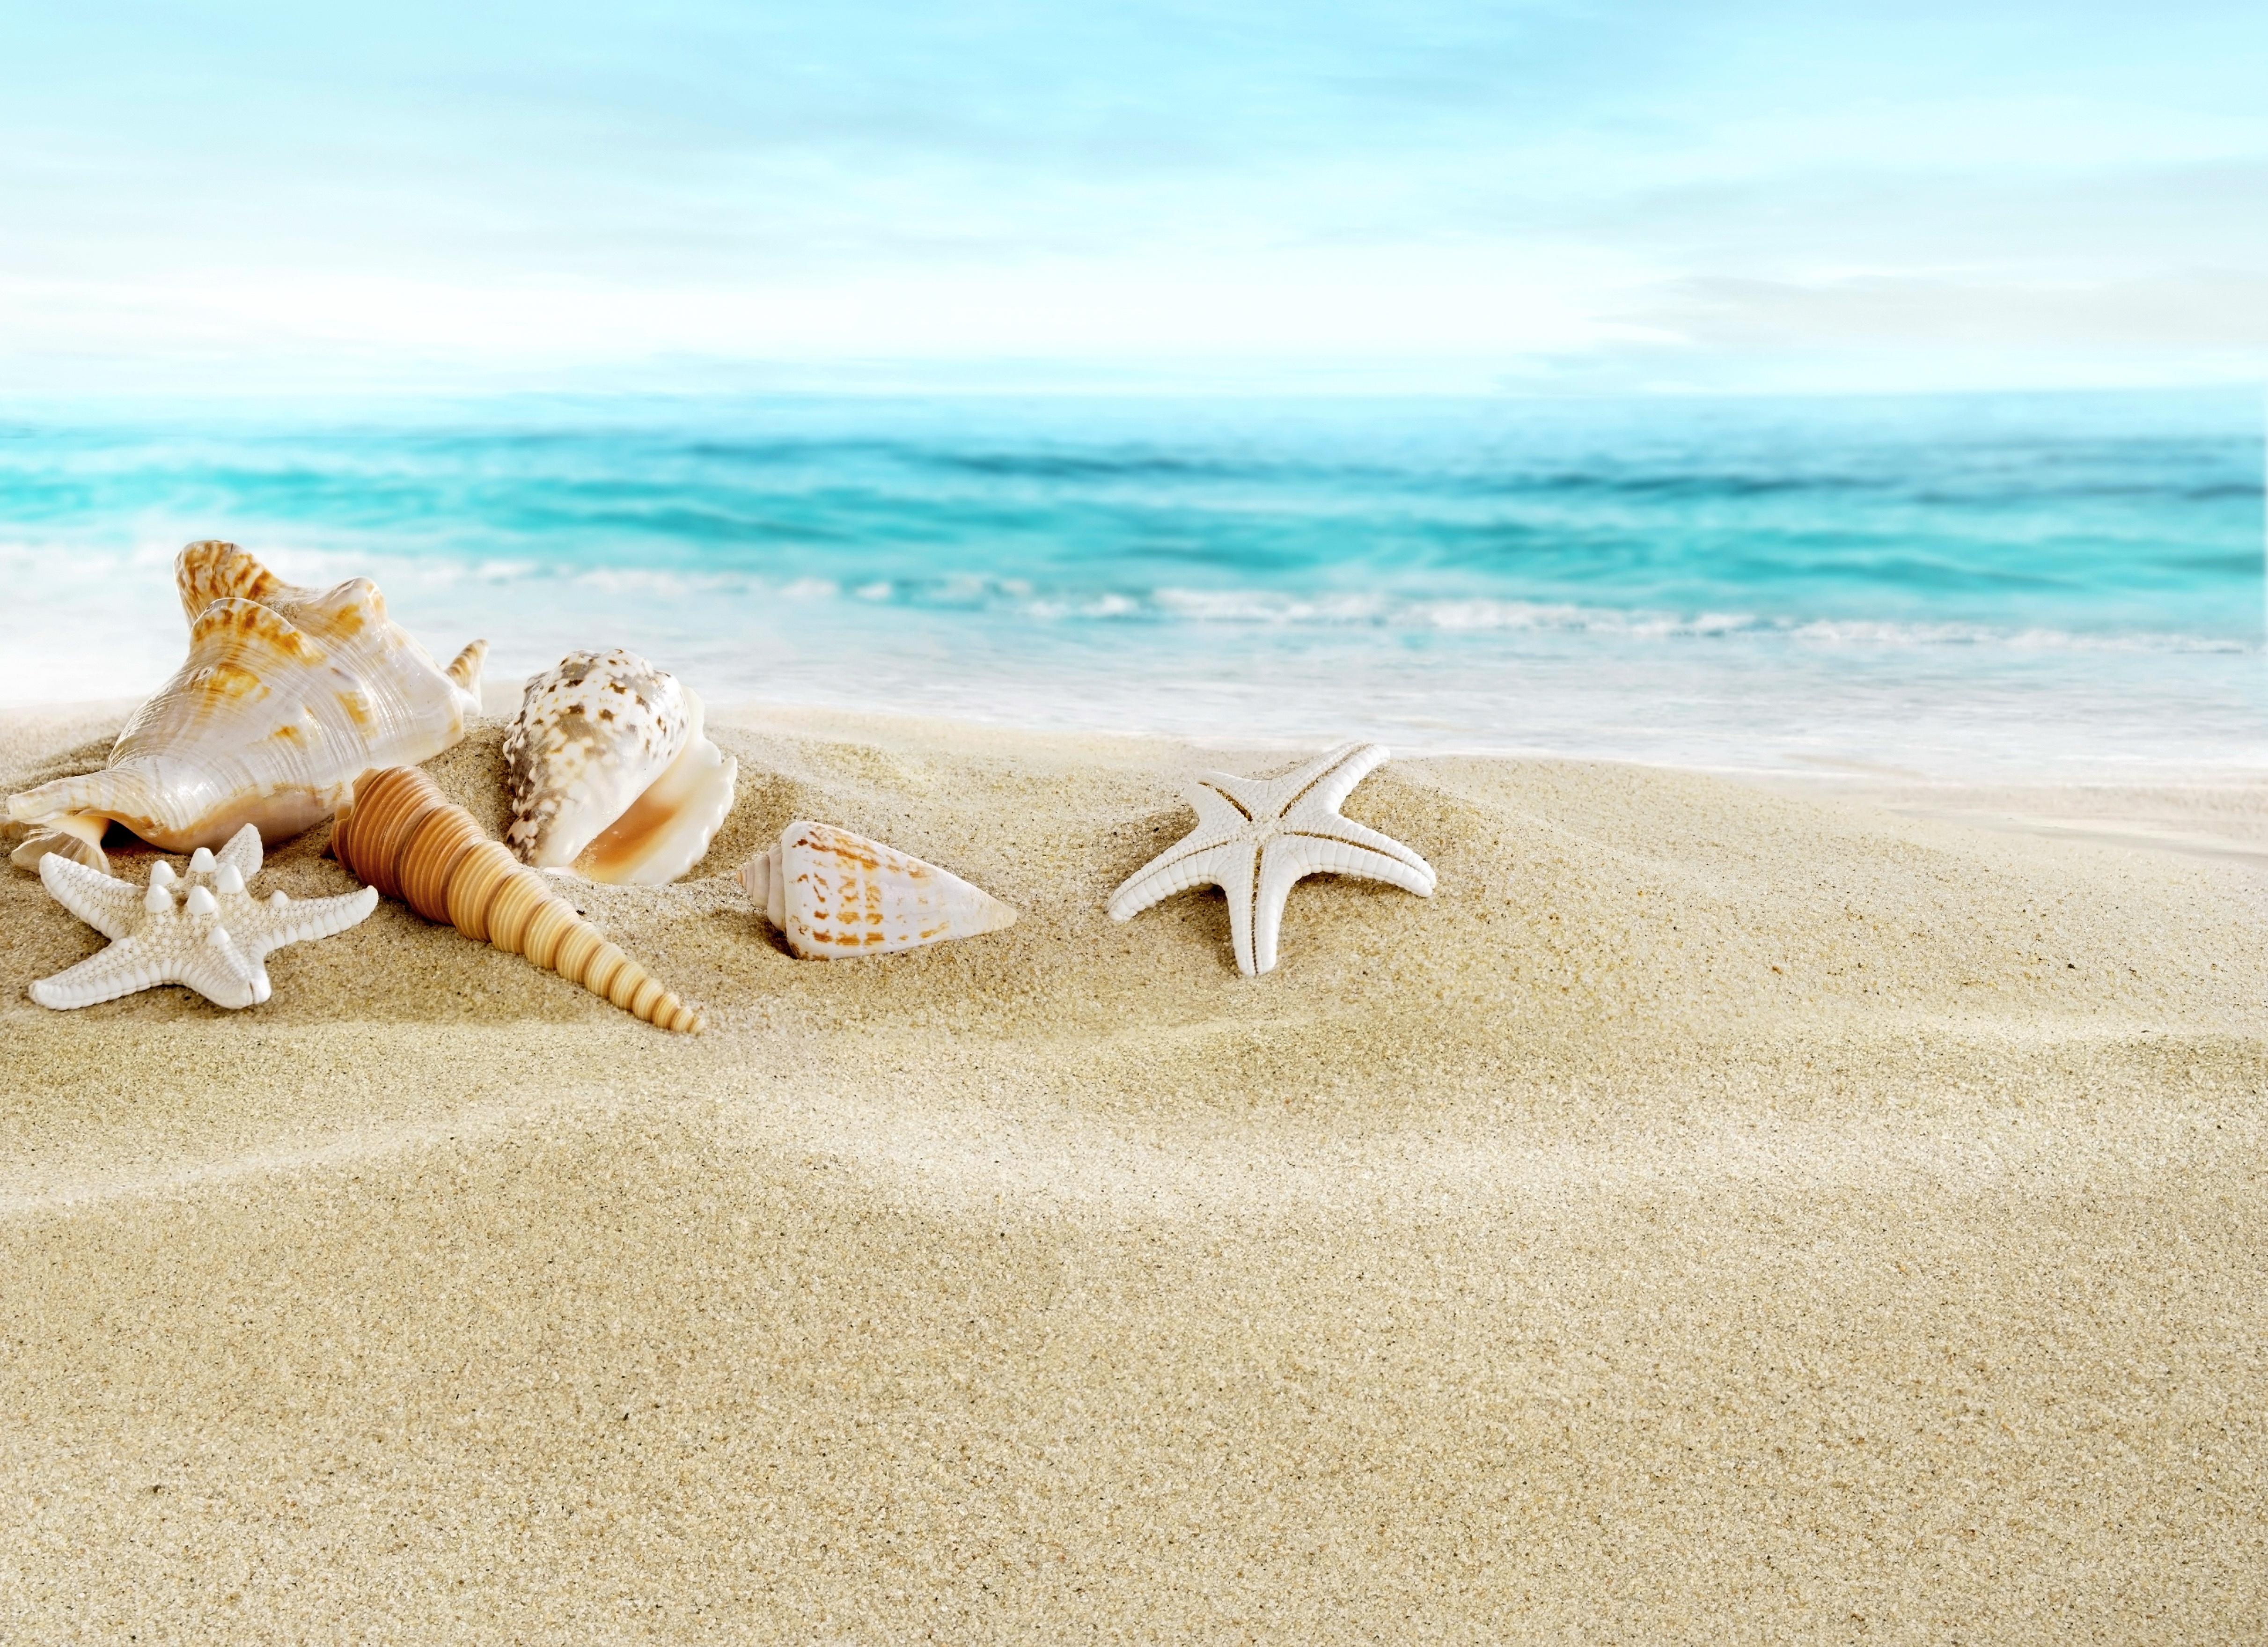 природа ракушка песок nature shell sand  № 1246811 бесплатно